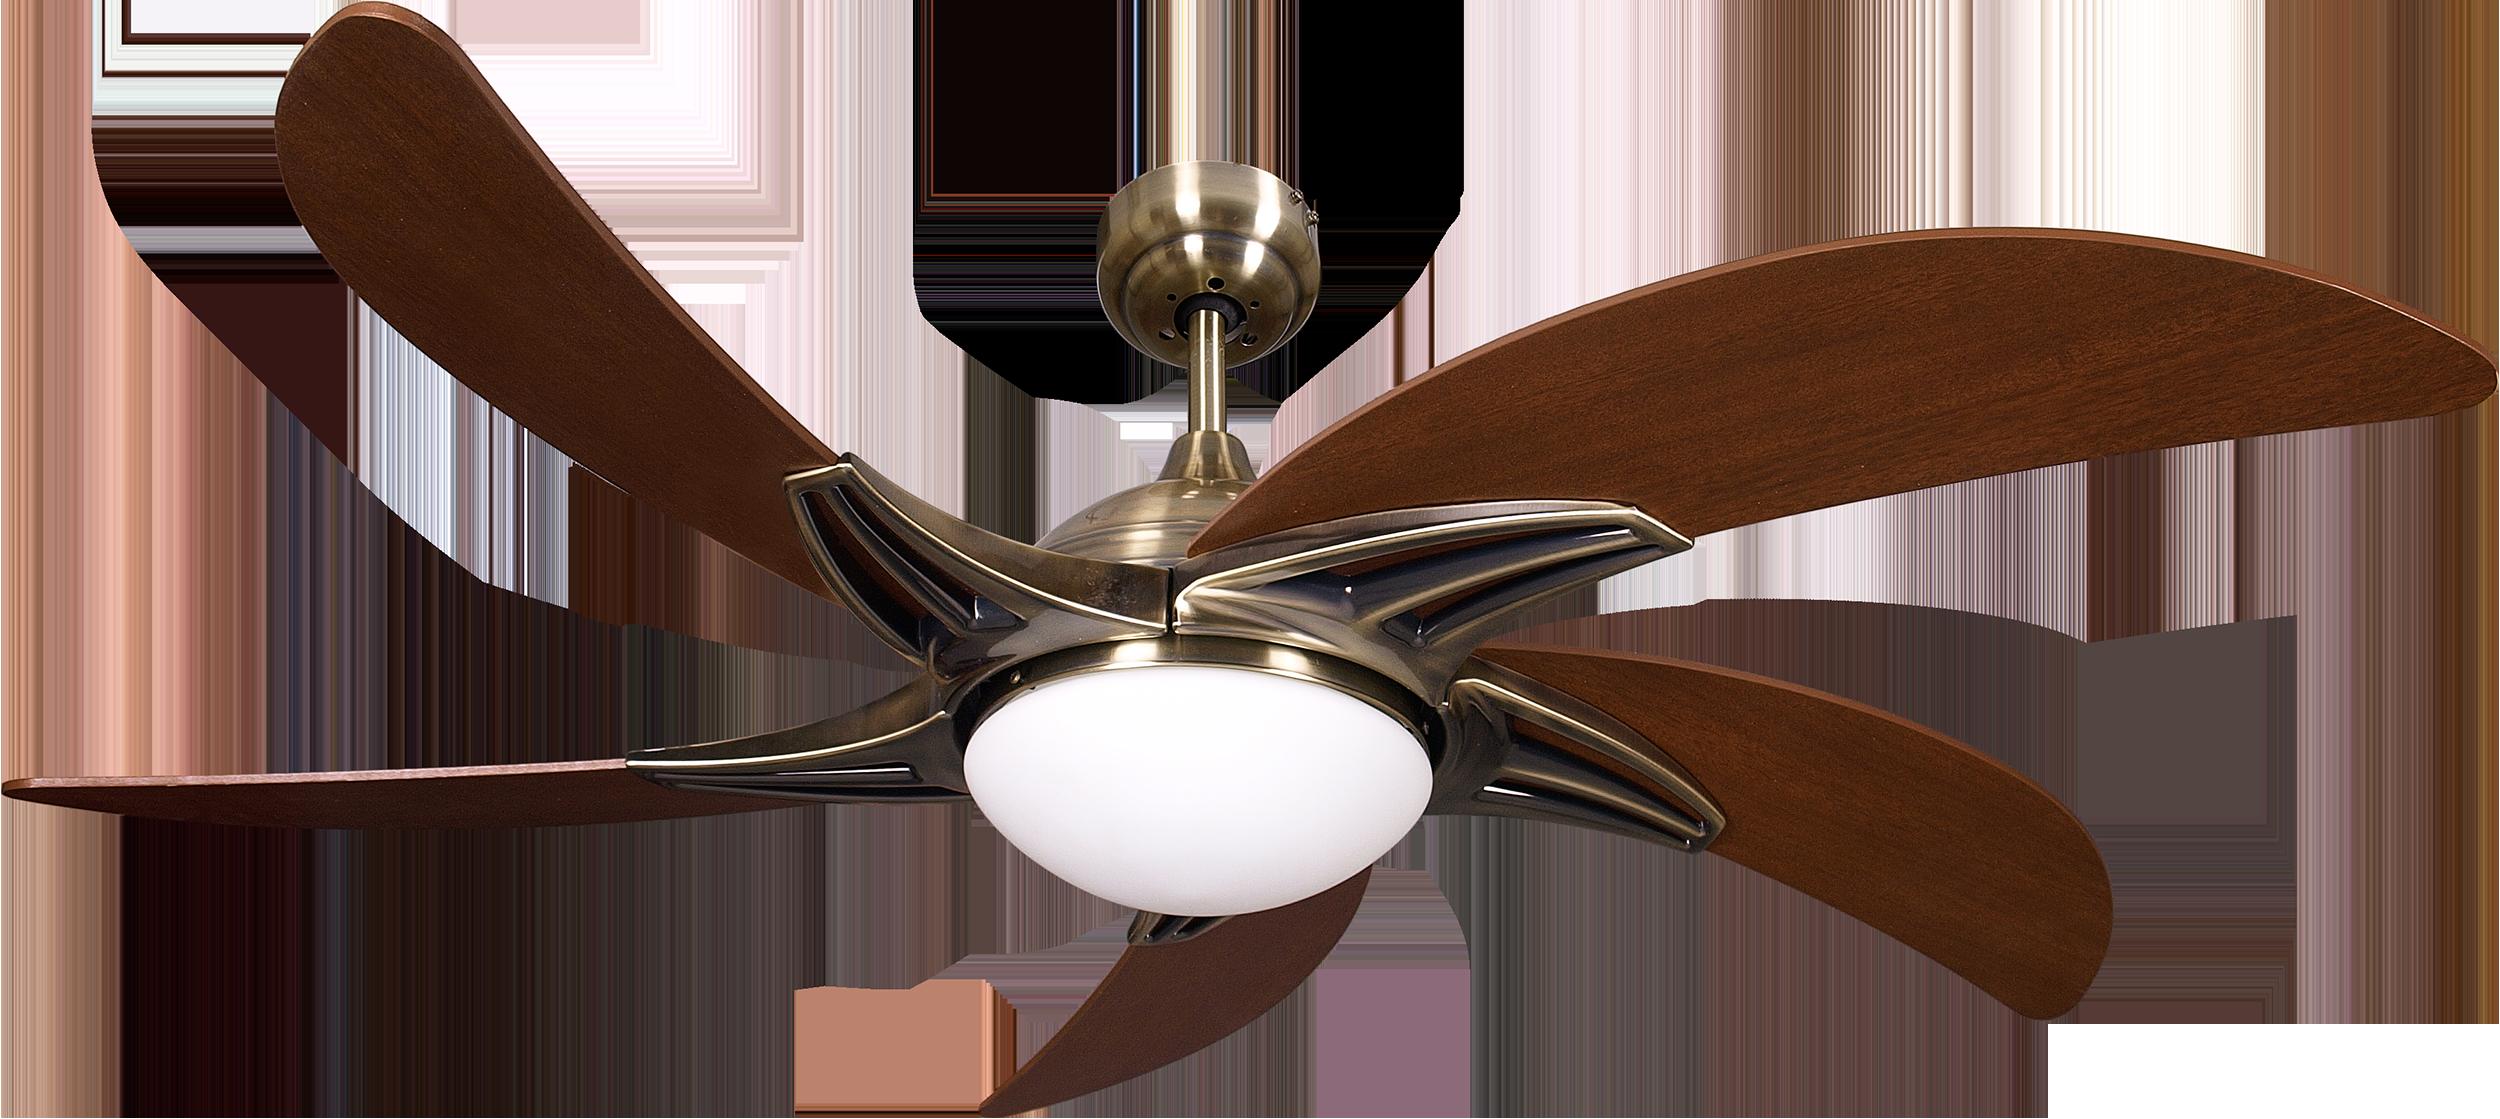 Ventilador cuero cassiopea 5 aspas cerezo 2xe27 130d - Lamparas de ventilador ...